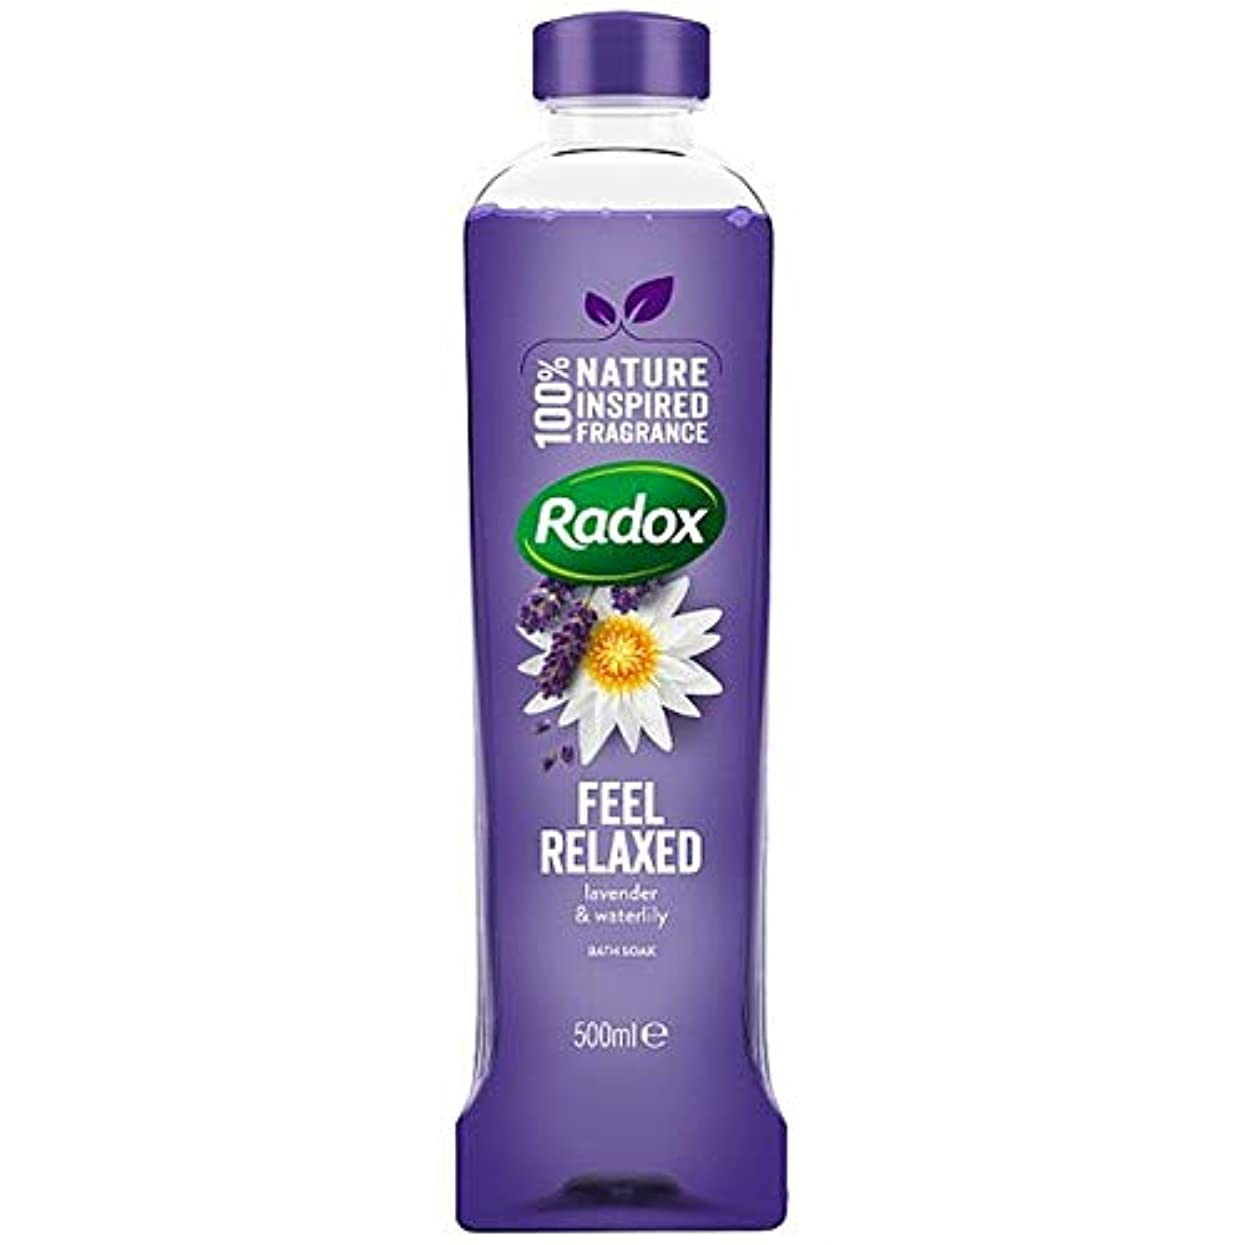 緩やかな鬼ごっこ強います[Radox] Radoxは、500ミリリットルのソークリラックスしたお風呂を感じます - Radox Feel Relaxed Bath Soak 500Ml [並行輸入品]